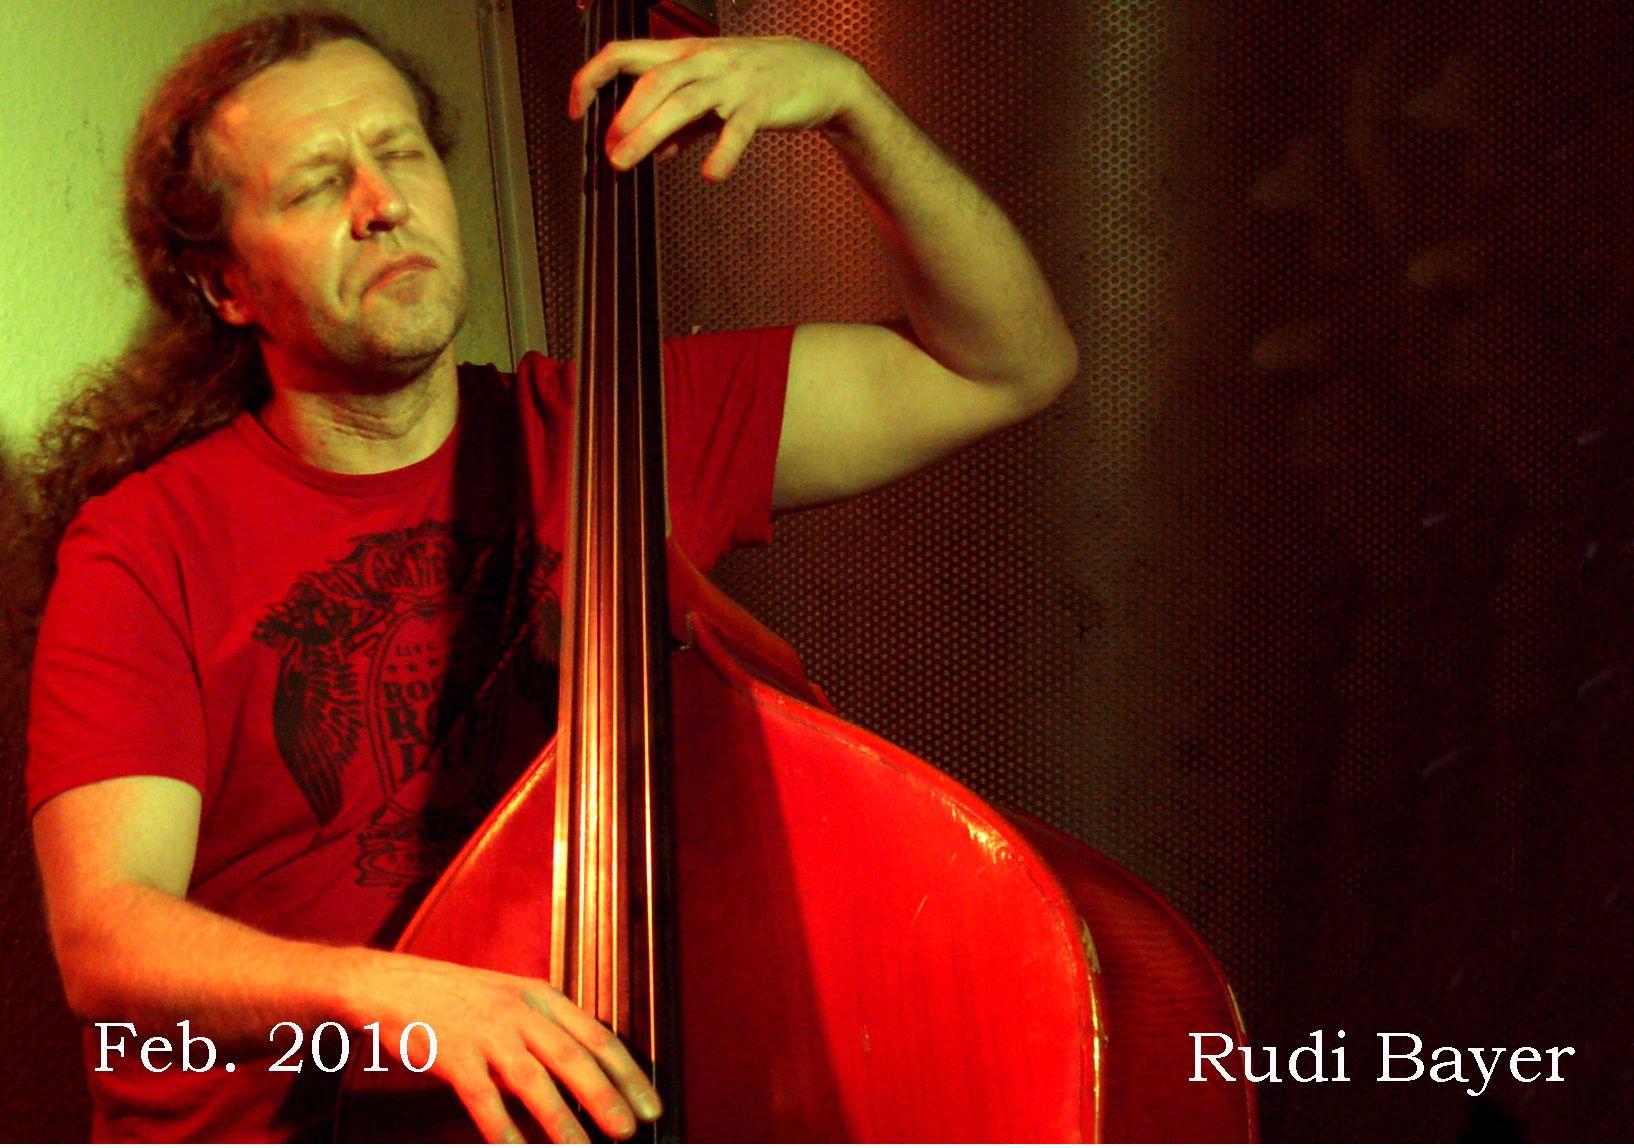 Rudi Bayer